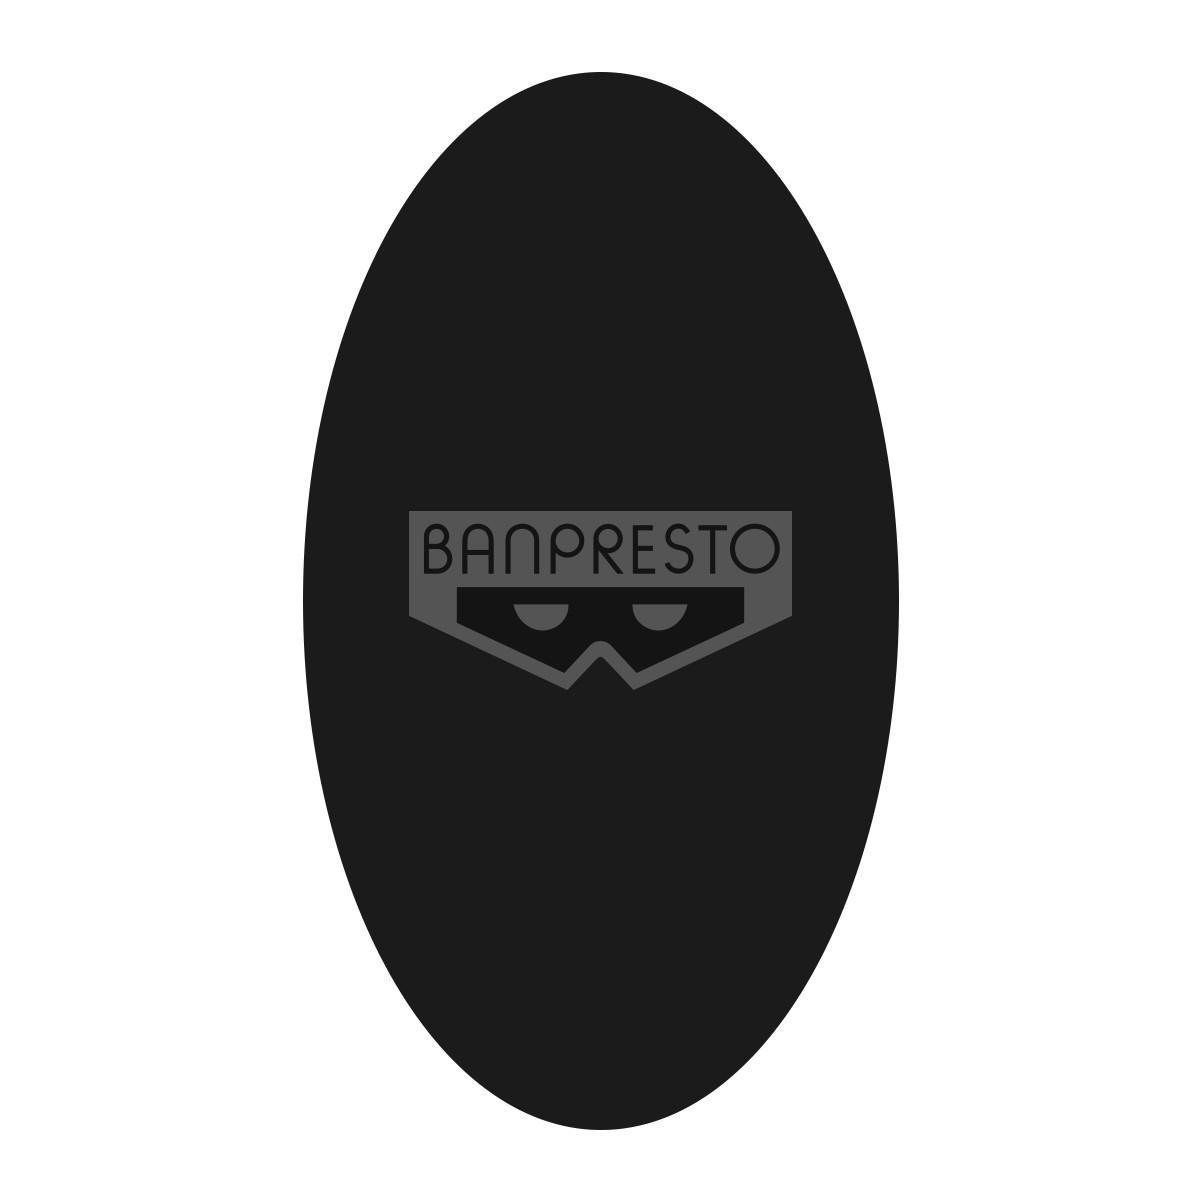 BANPRESTO|七龍珠Z 爆裂激戰 2022 vol.1